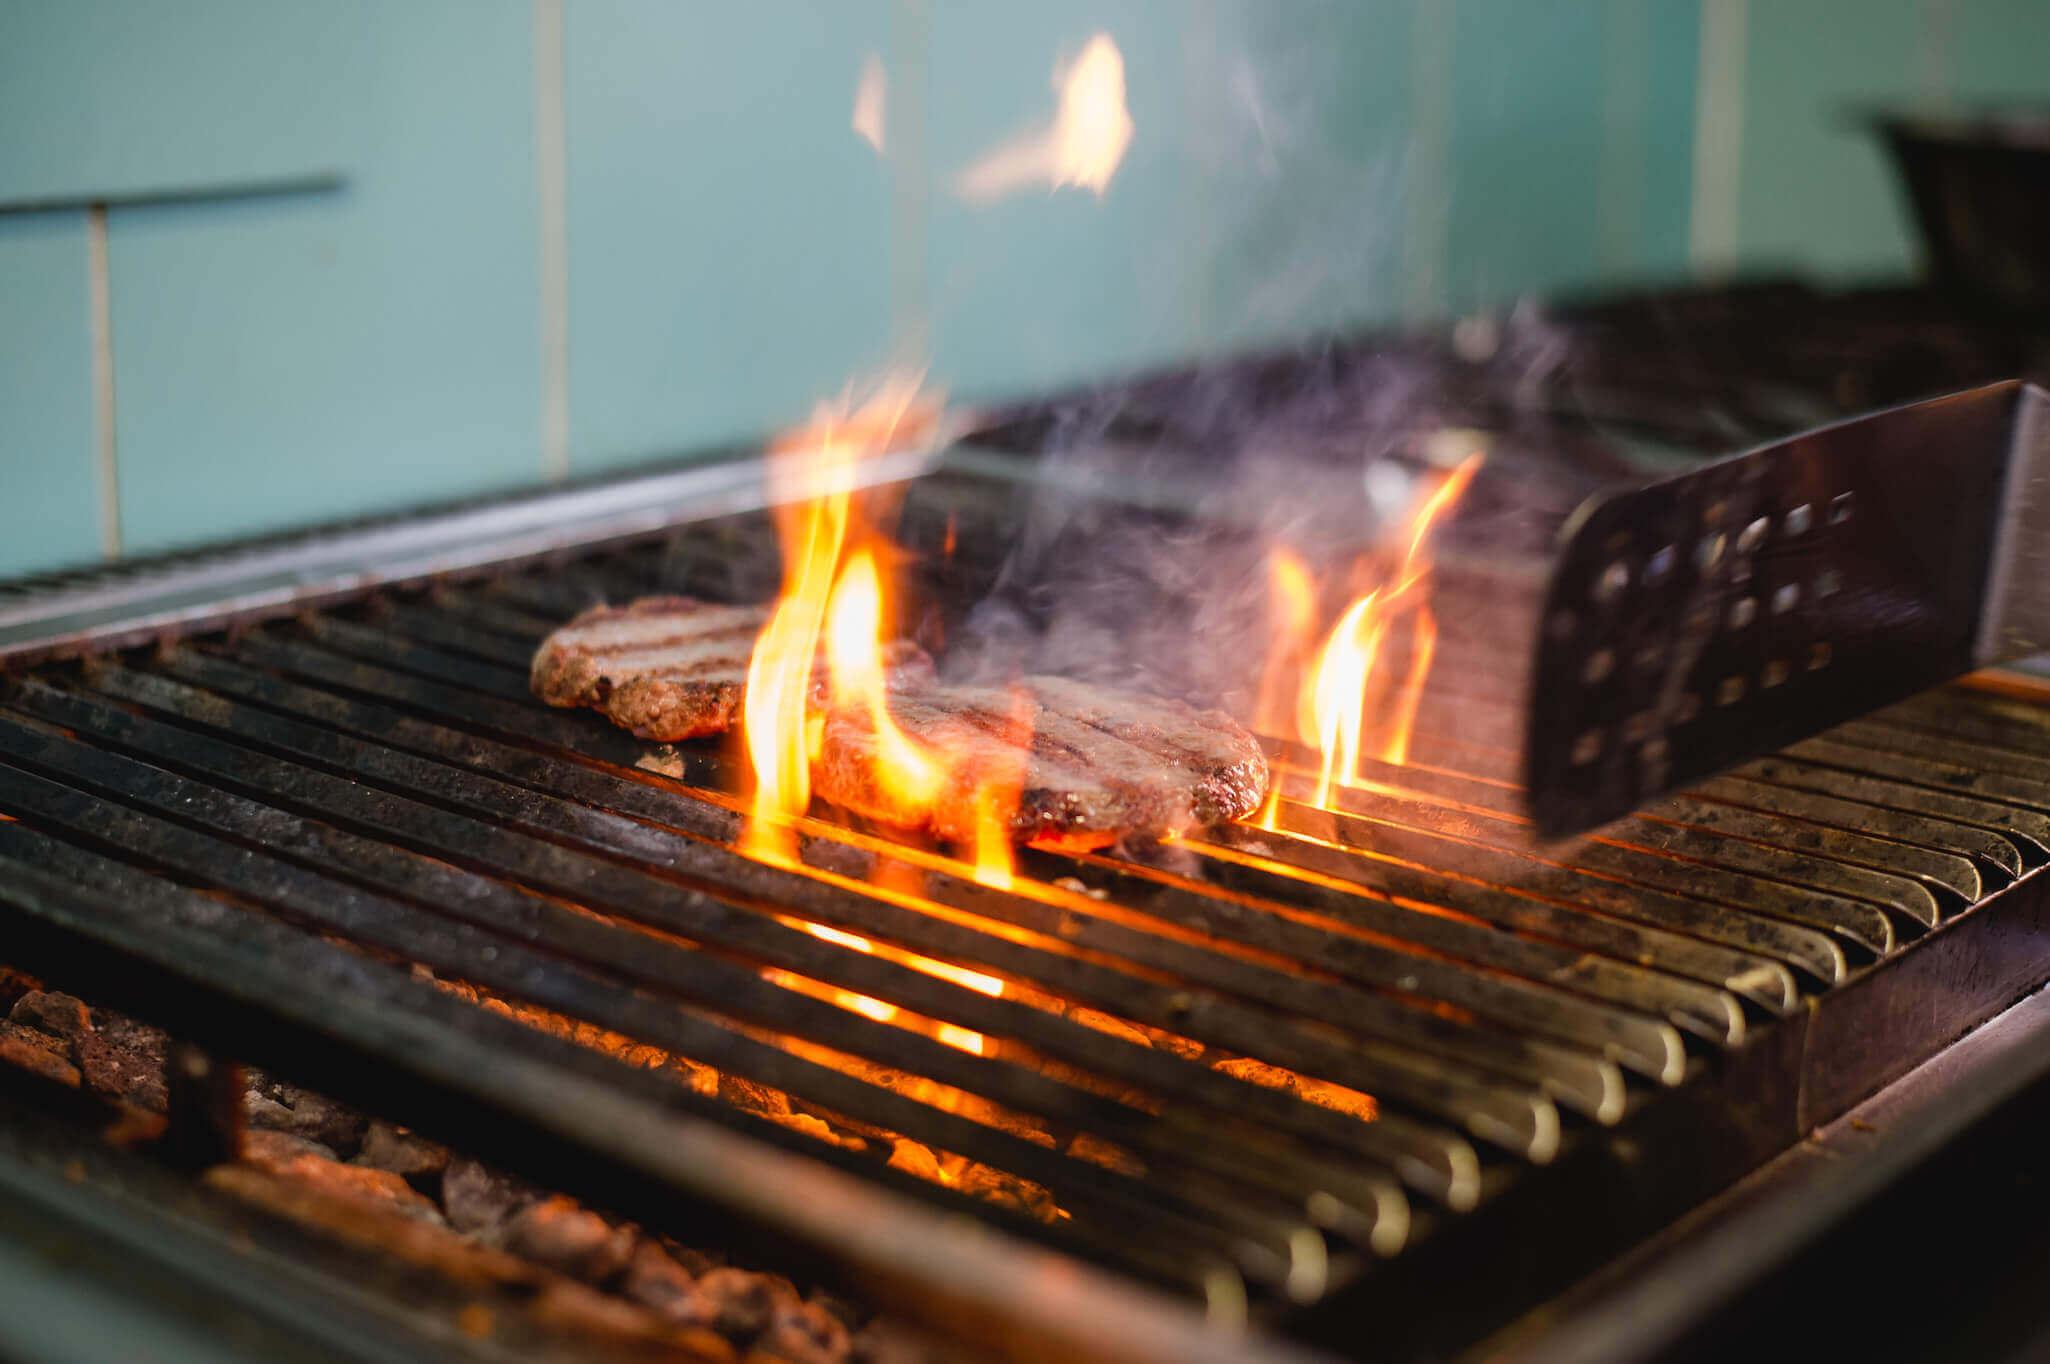 Die Küche in der Schwarzen Kiste Burger & Bar hat einen Lavastein-Grill für die Burgerpattys.